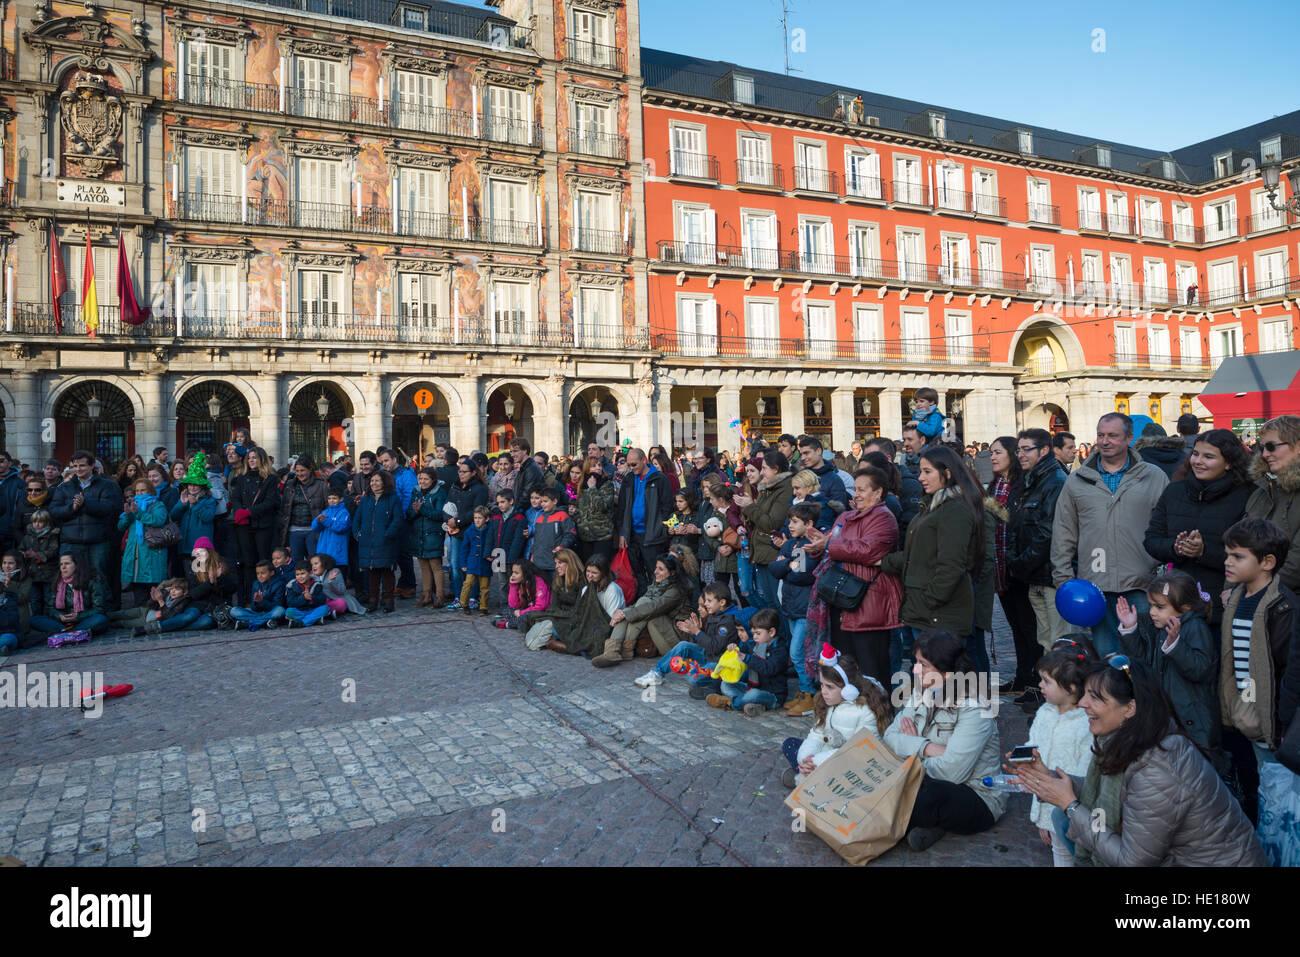 Menge zu sammeln um zu sehen, eine Straße Entertainer auf der Plaza Mayor, Madrid, Spanien. Stockbild